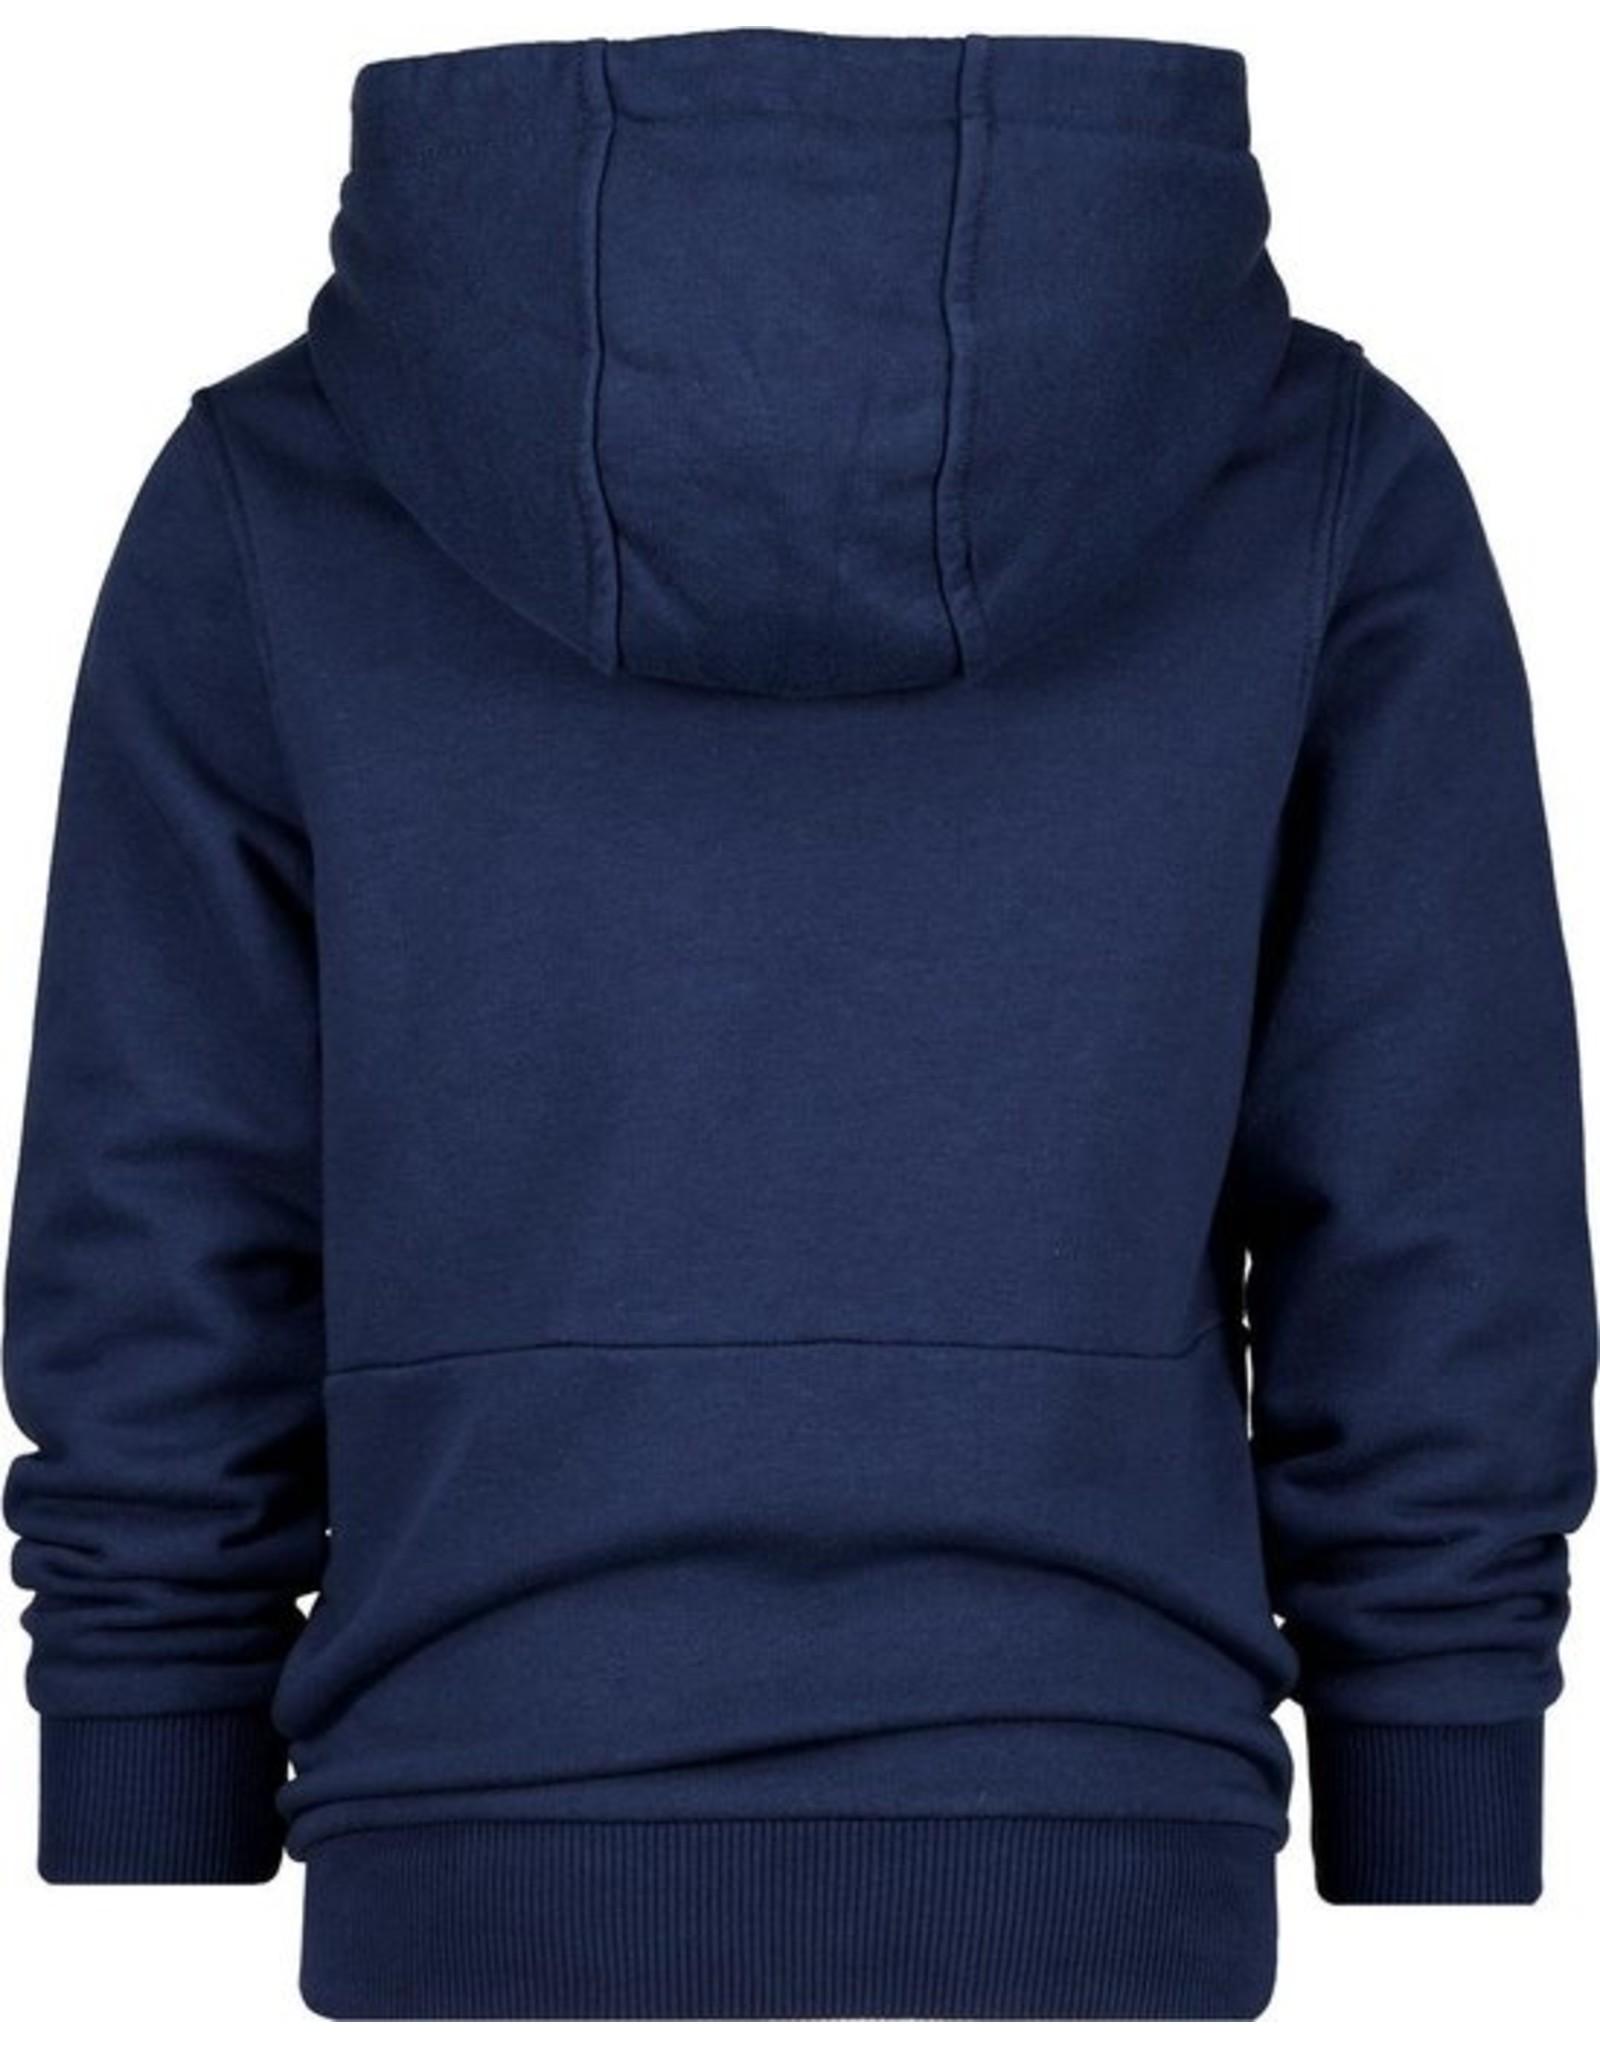 Raizzed Manford sweater